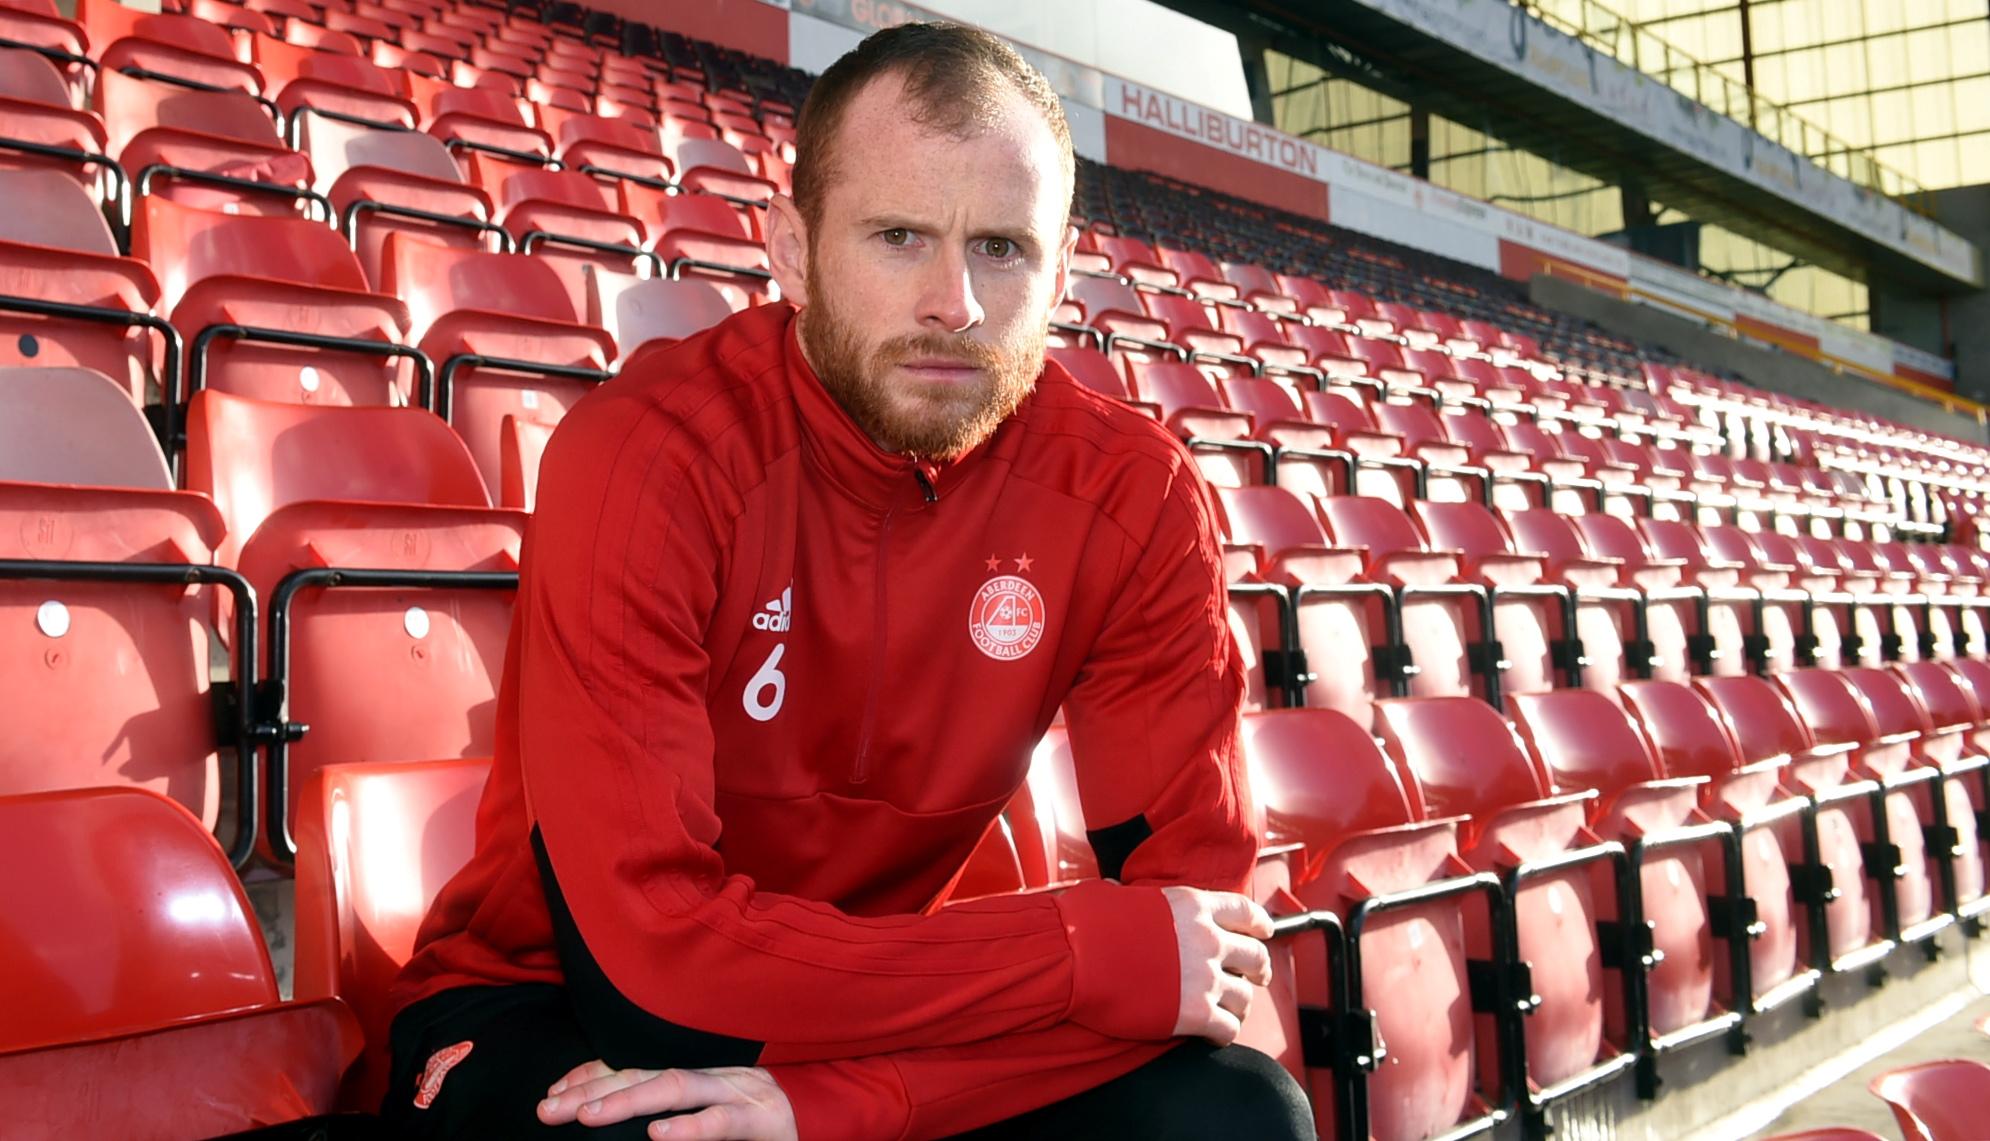 Aberdeen defender Mark Reynolds